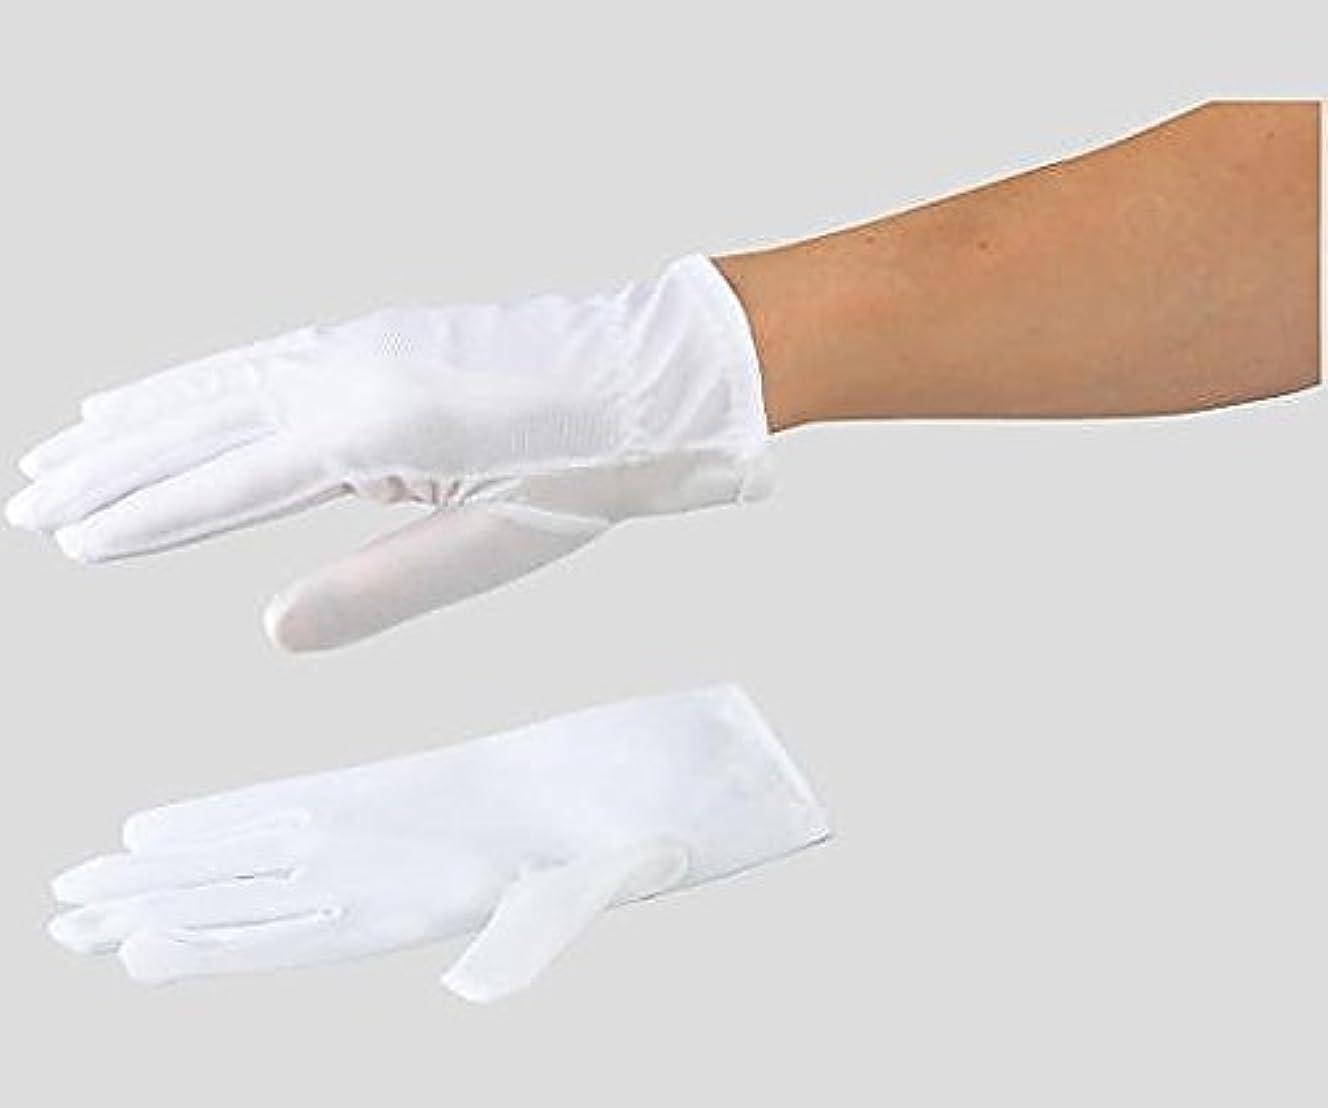 私たち自身一独特のアズピュア 防塵手袋 ポリエステル 12双